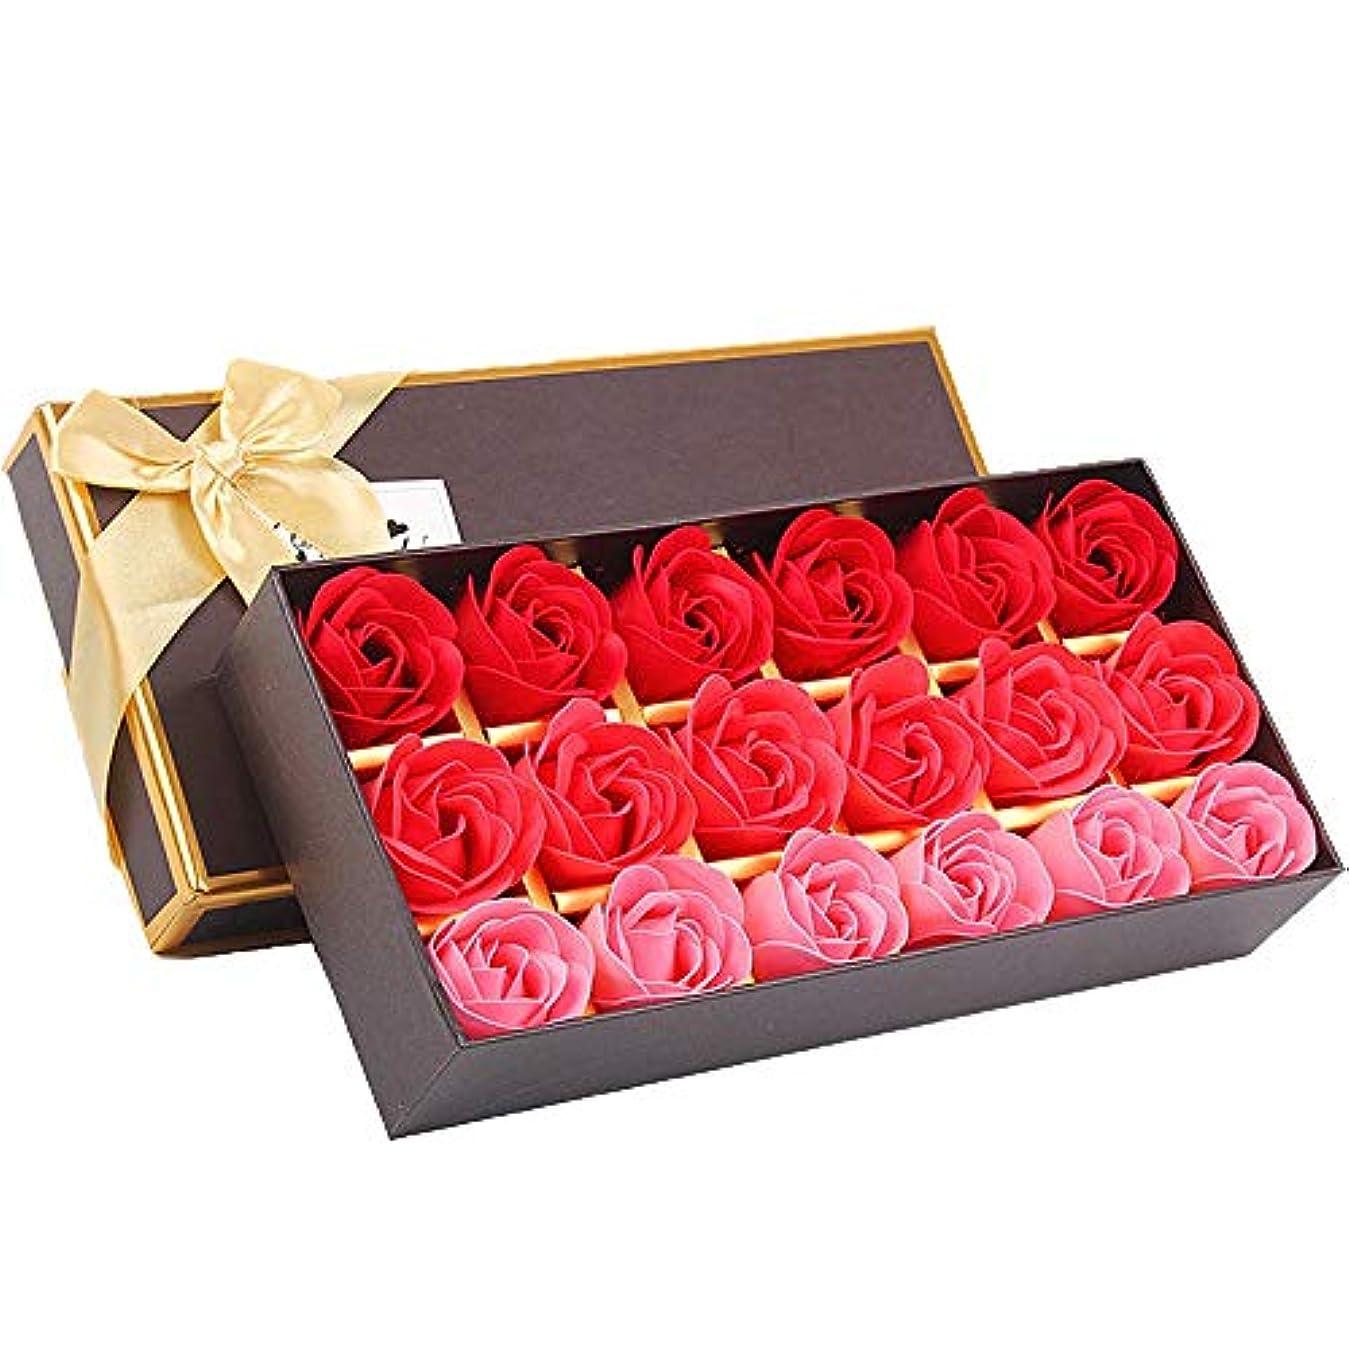 剪断植生新着18個の手作りのローズの香りのバスソープの花びら香りのバスソープは、ギフトボックスの花びらをバラ (色 : 赤)